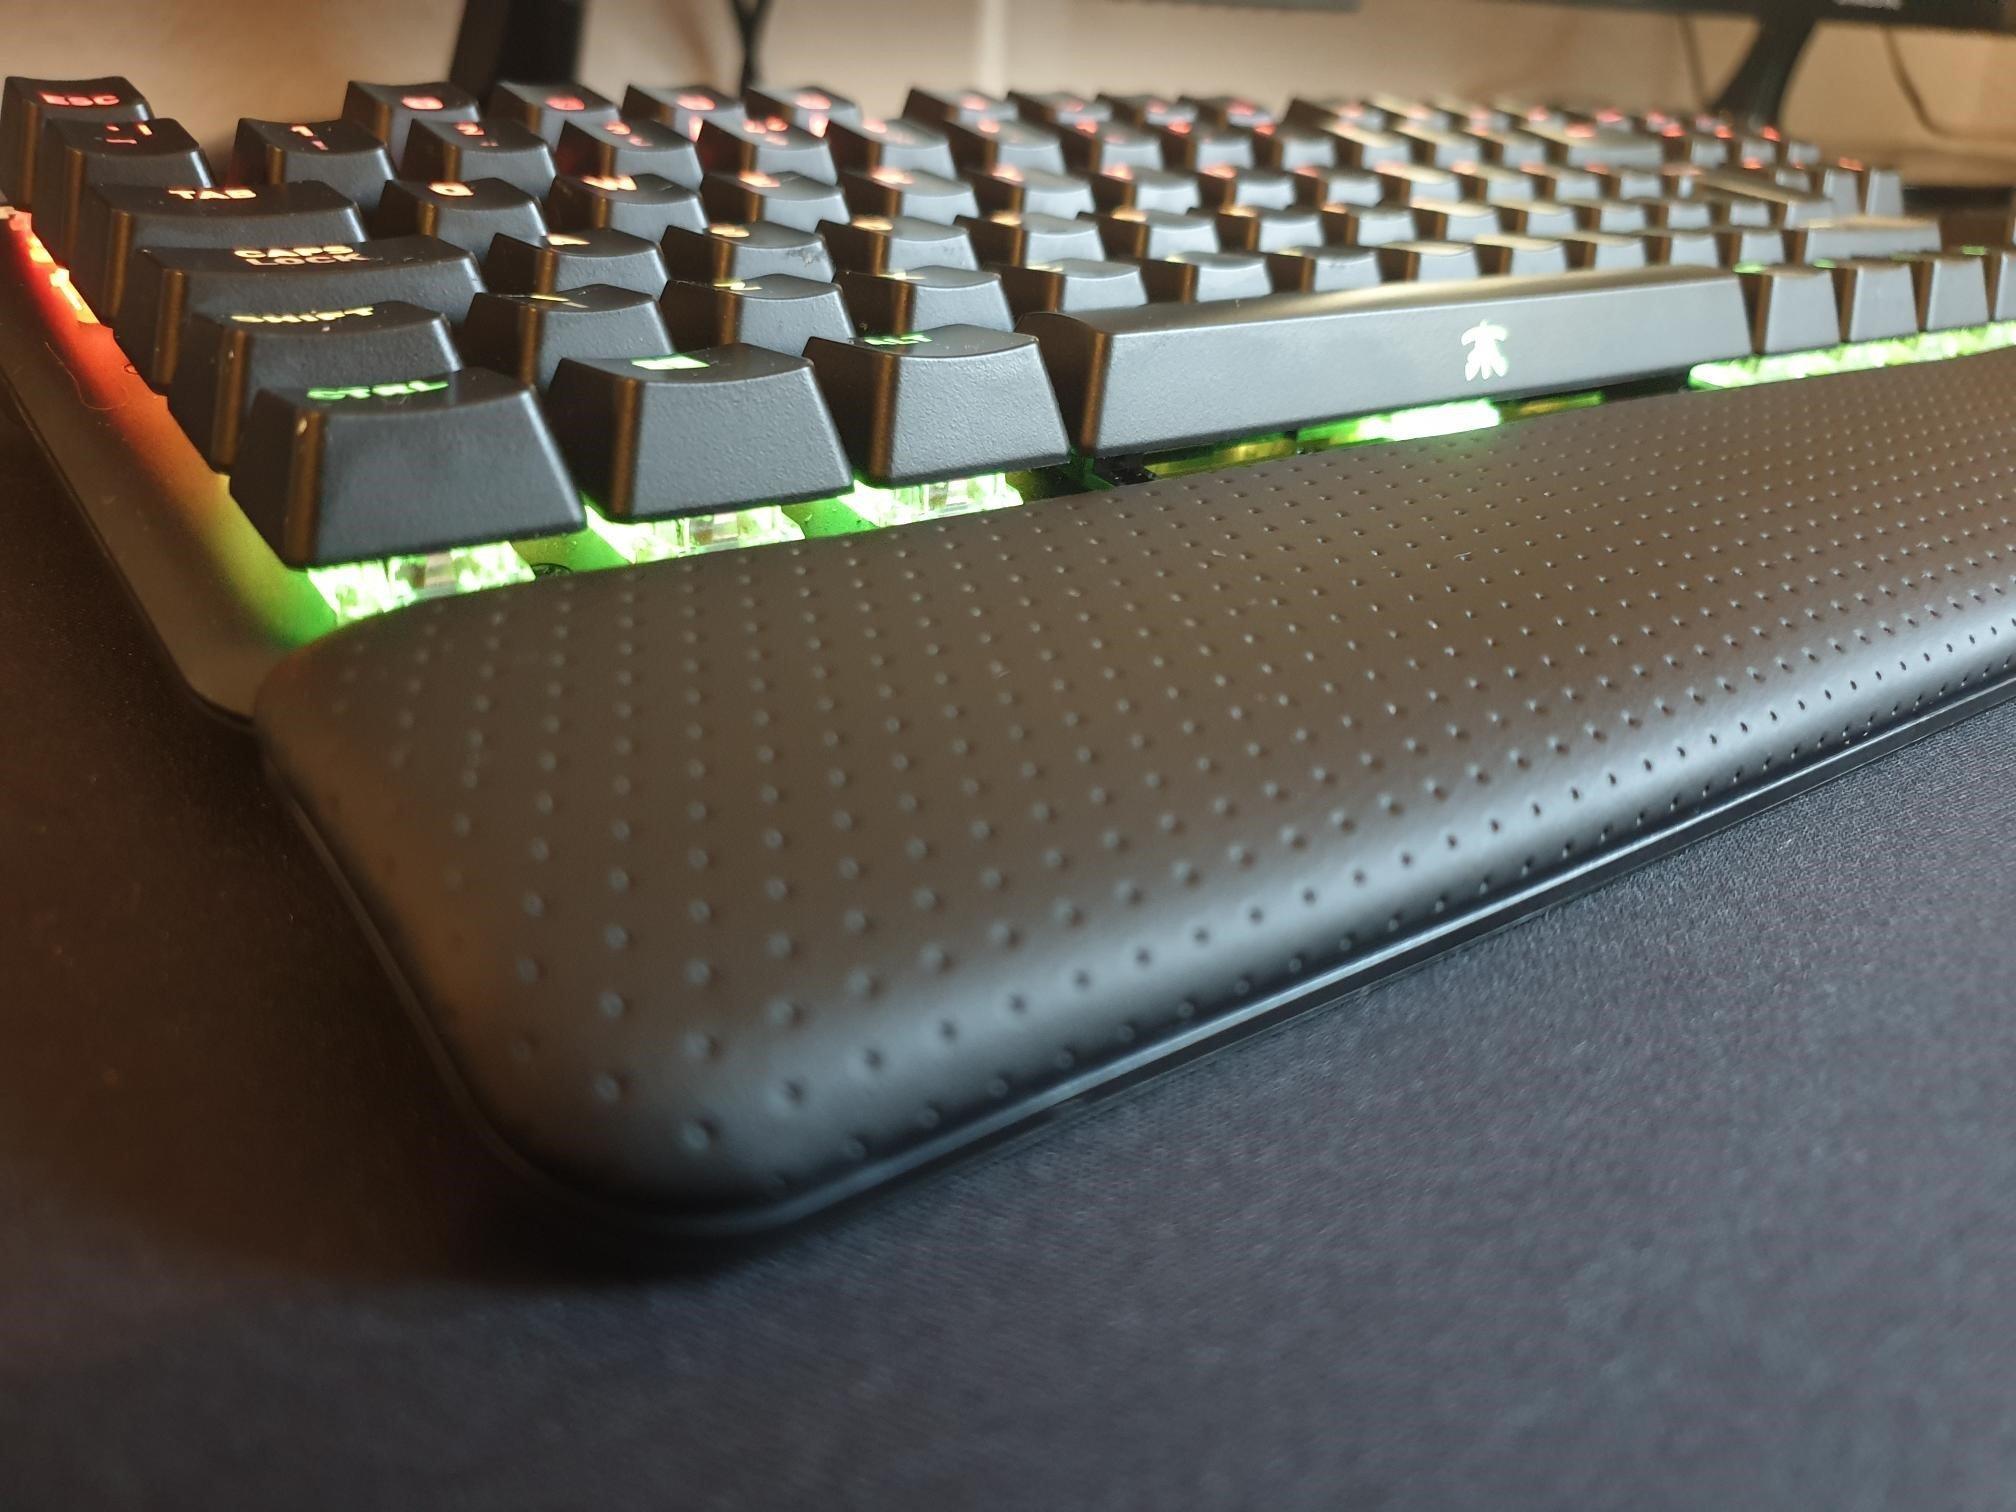 Image of Fnatic mechanical keyboard